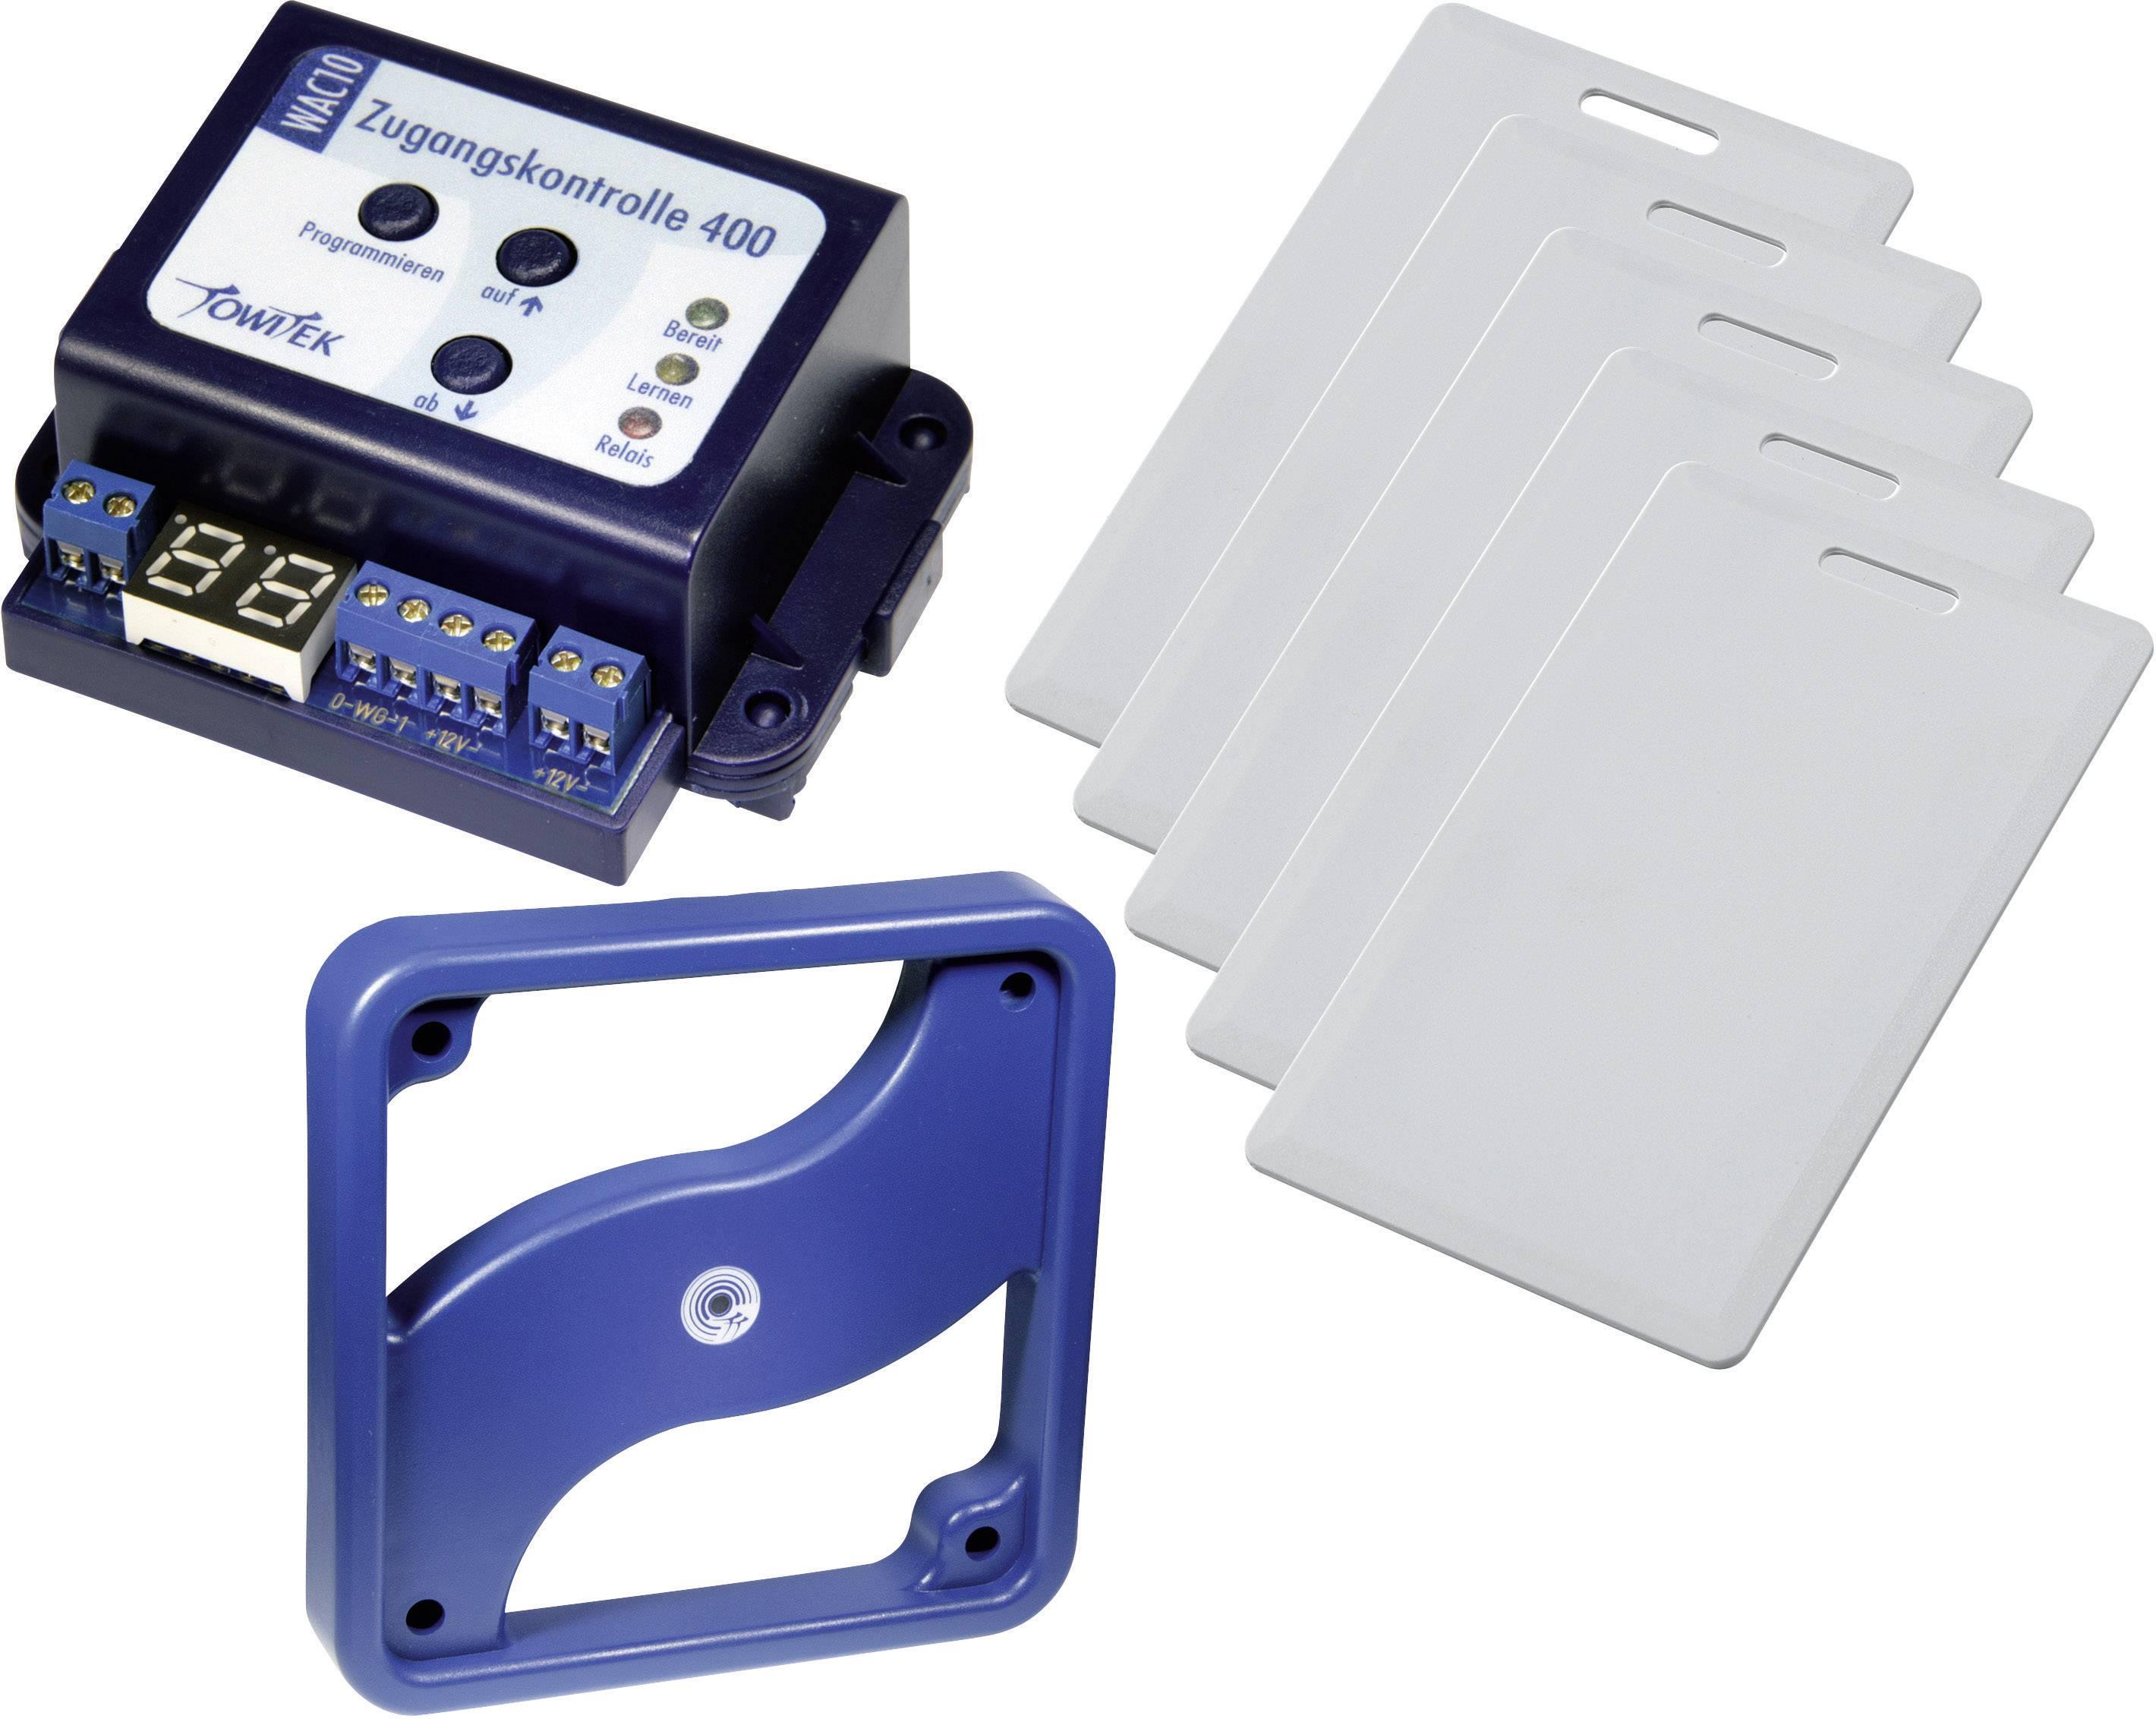 Sada pro přístupovou kontrolu TowiTek Počet transpondérů (max.): 400 12 V/DC